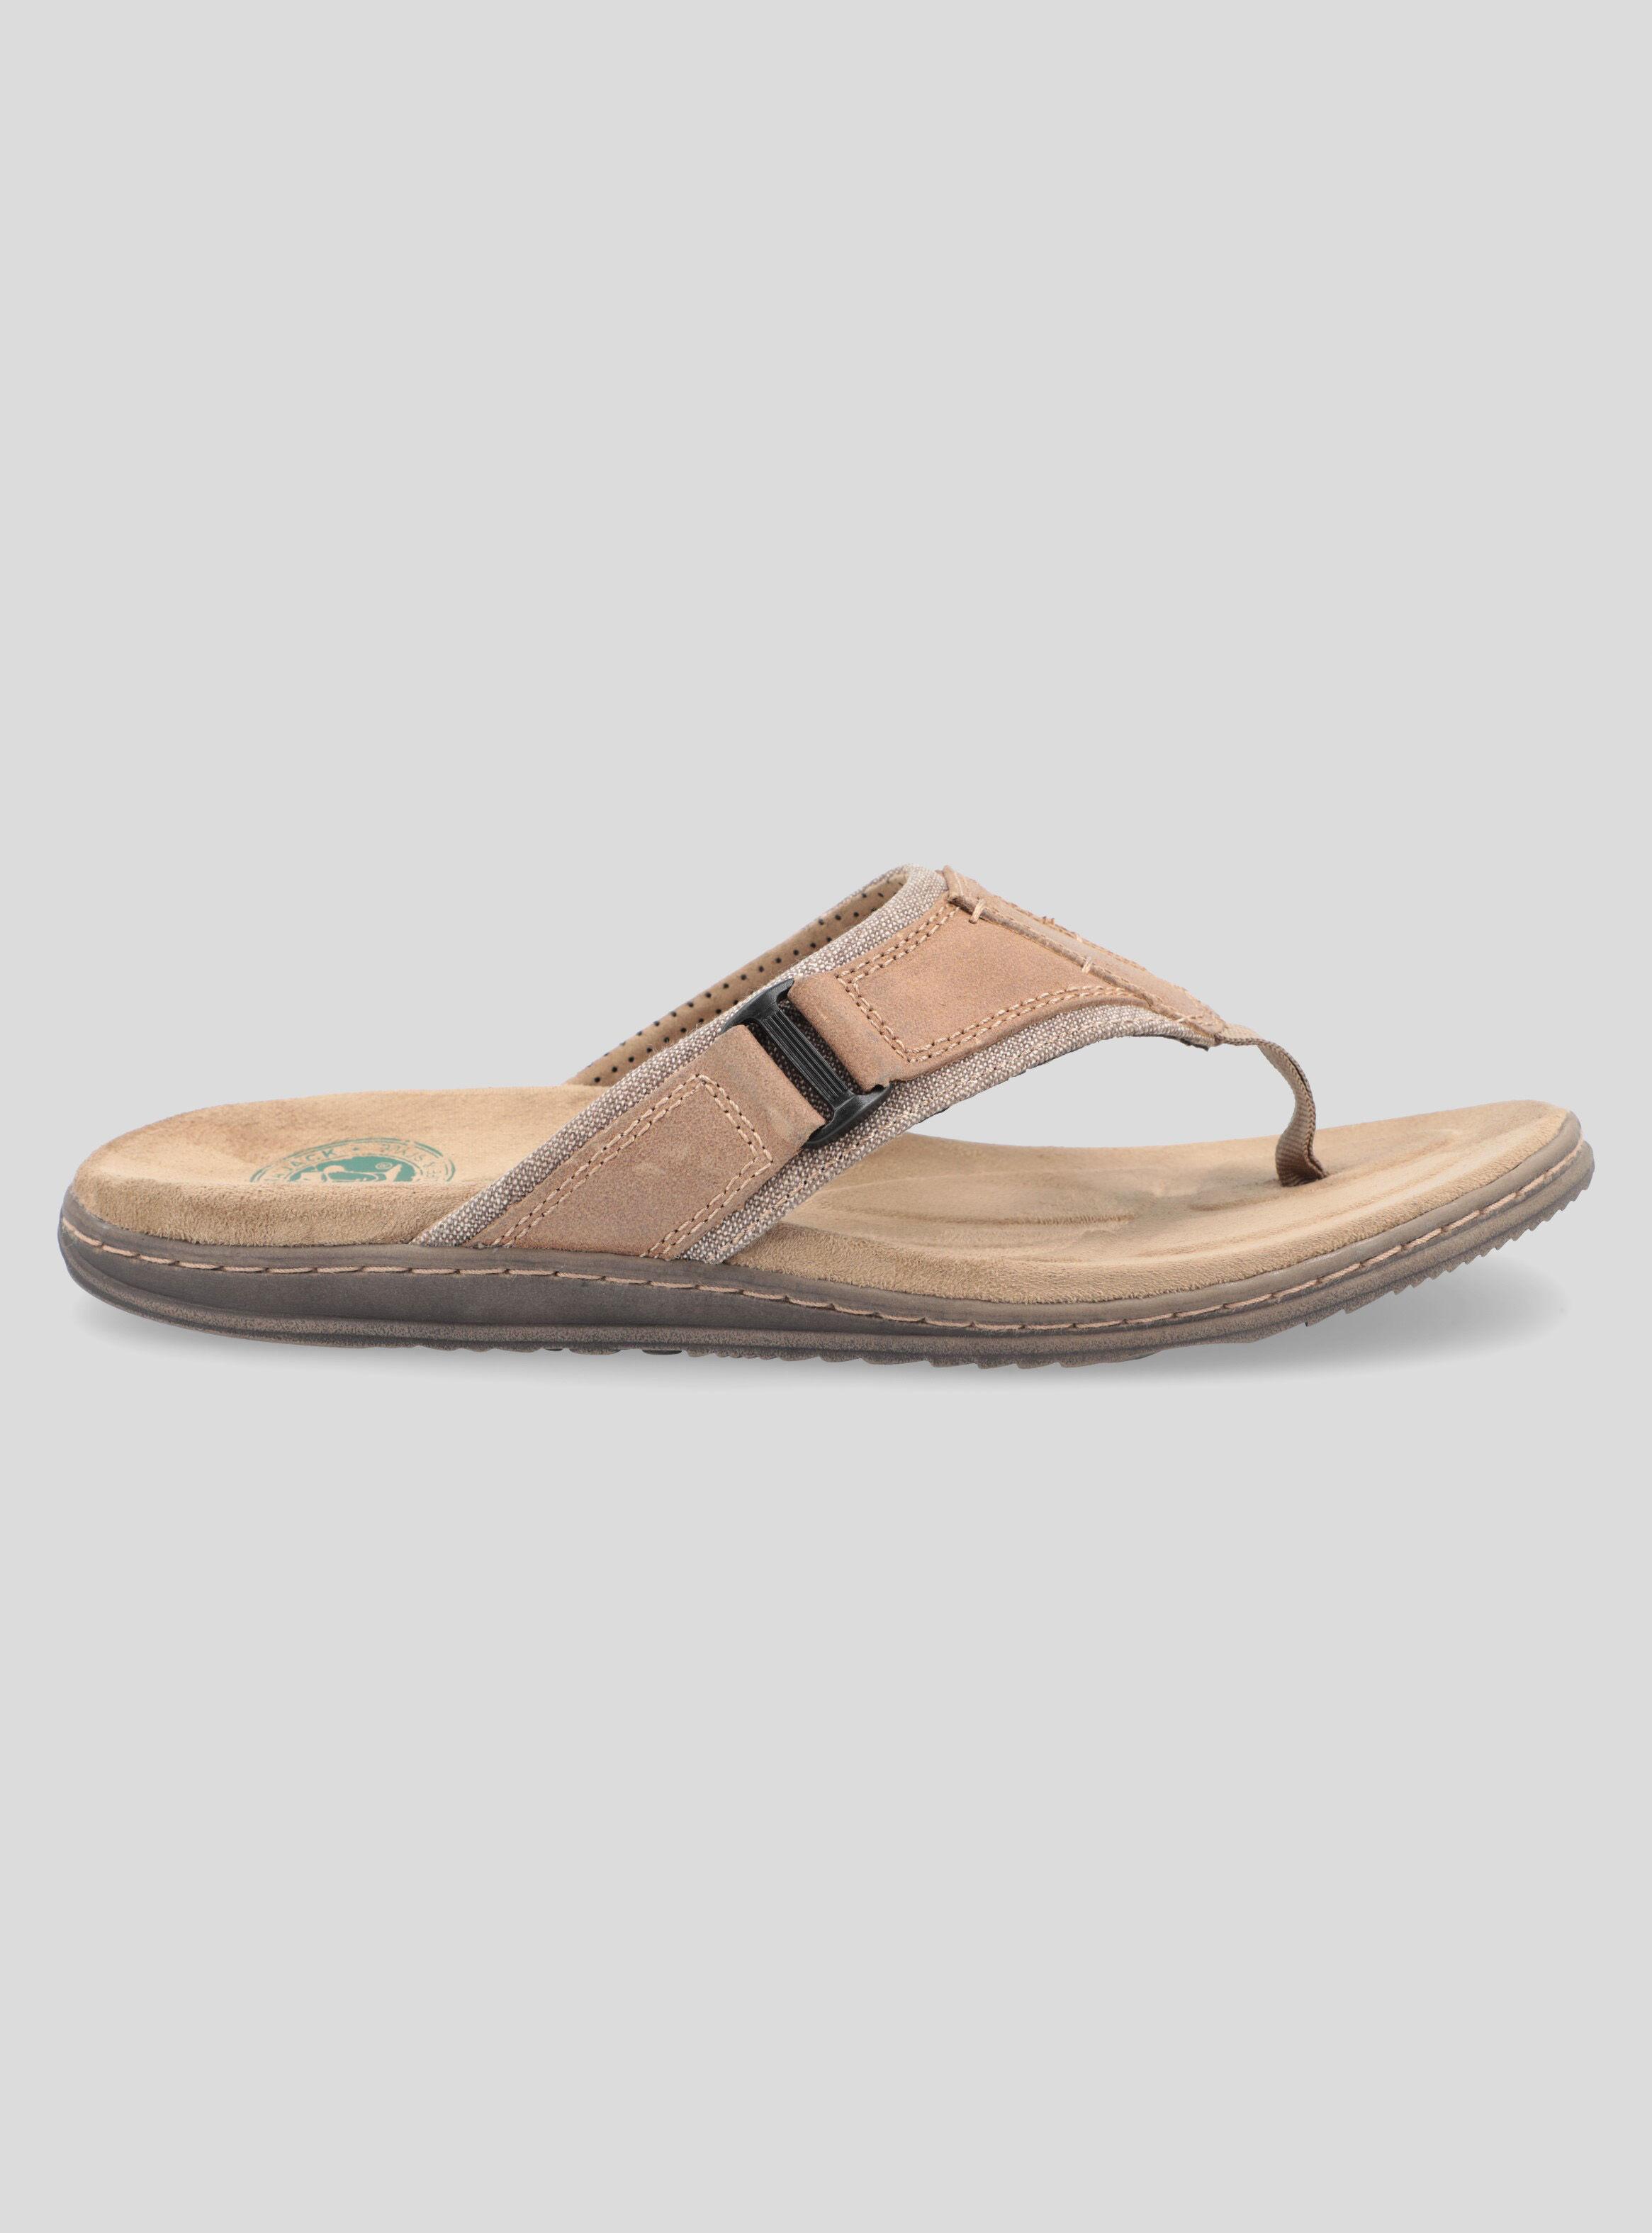 Que Sandalias Están De Los Modaparis Cl Modelos E2wih9dy qzUpLSVjGM